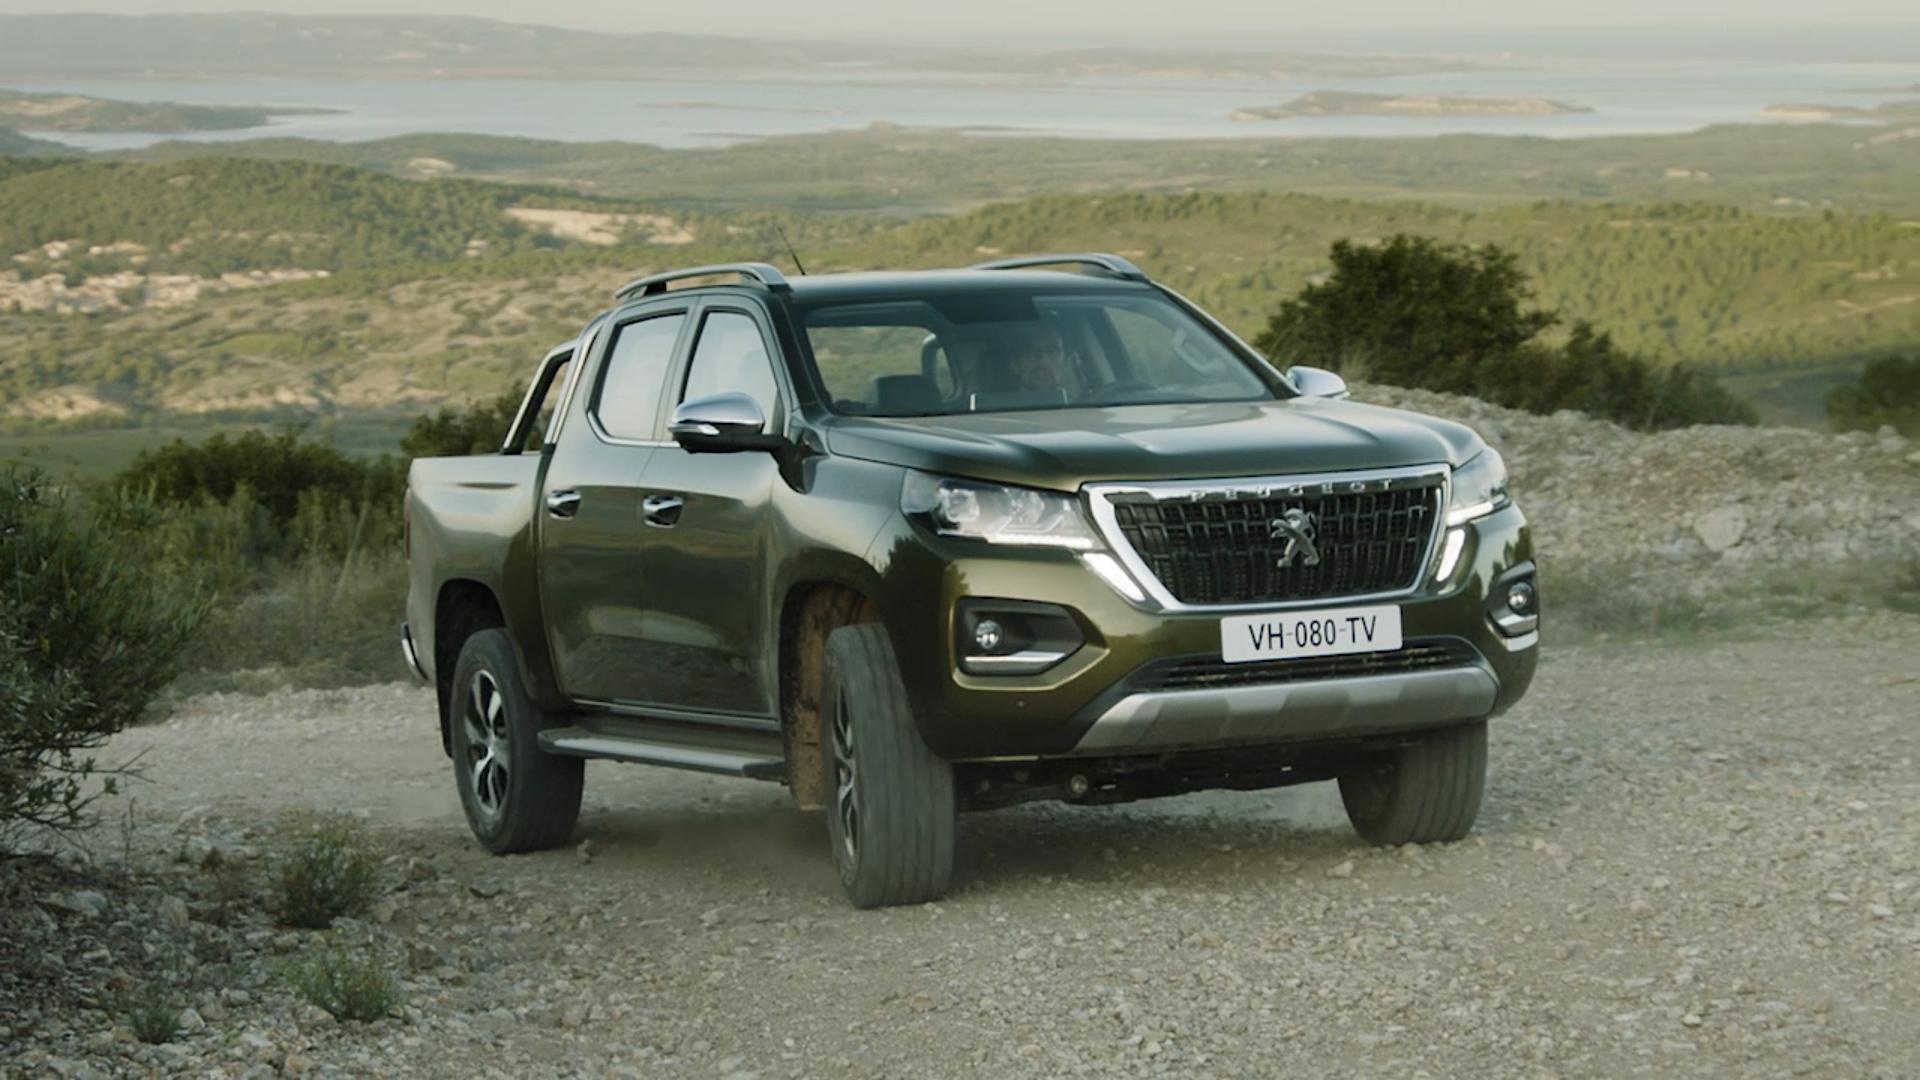 Peugeot mostró su pick up Landtrek: cuáles son sus fortalezas y cuándo  empieza a venderse - Infobae